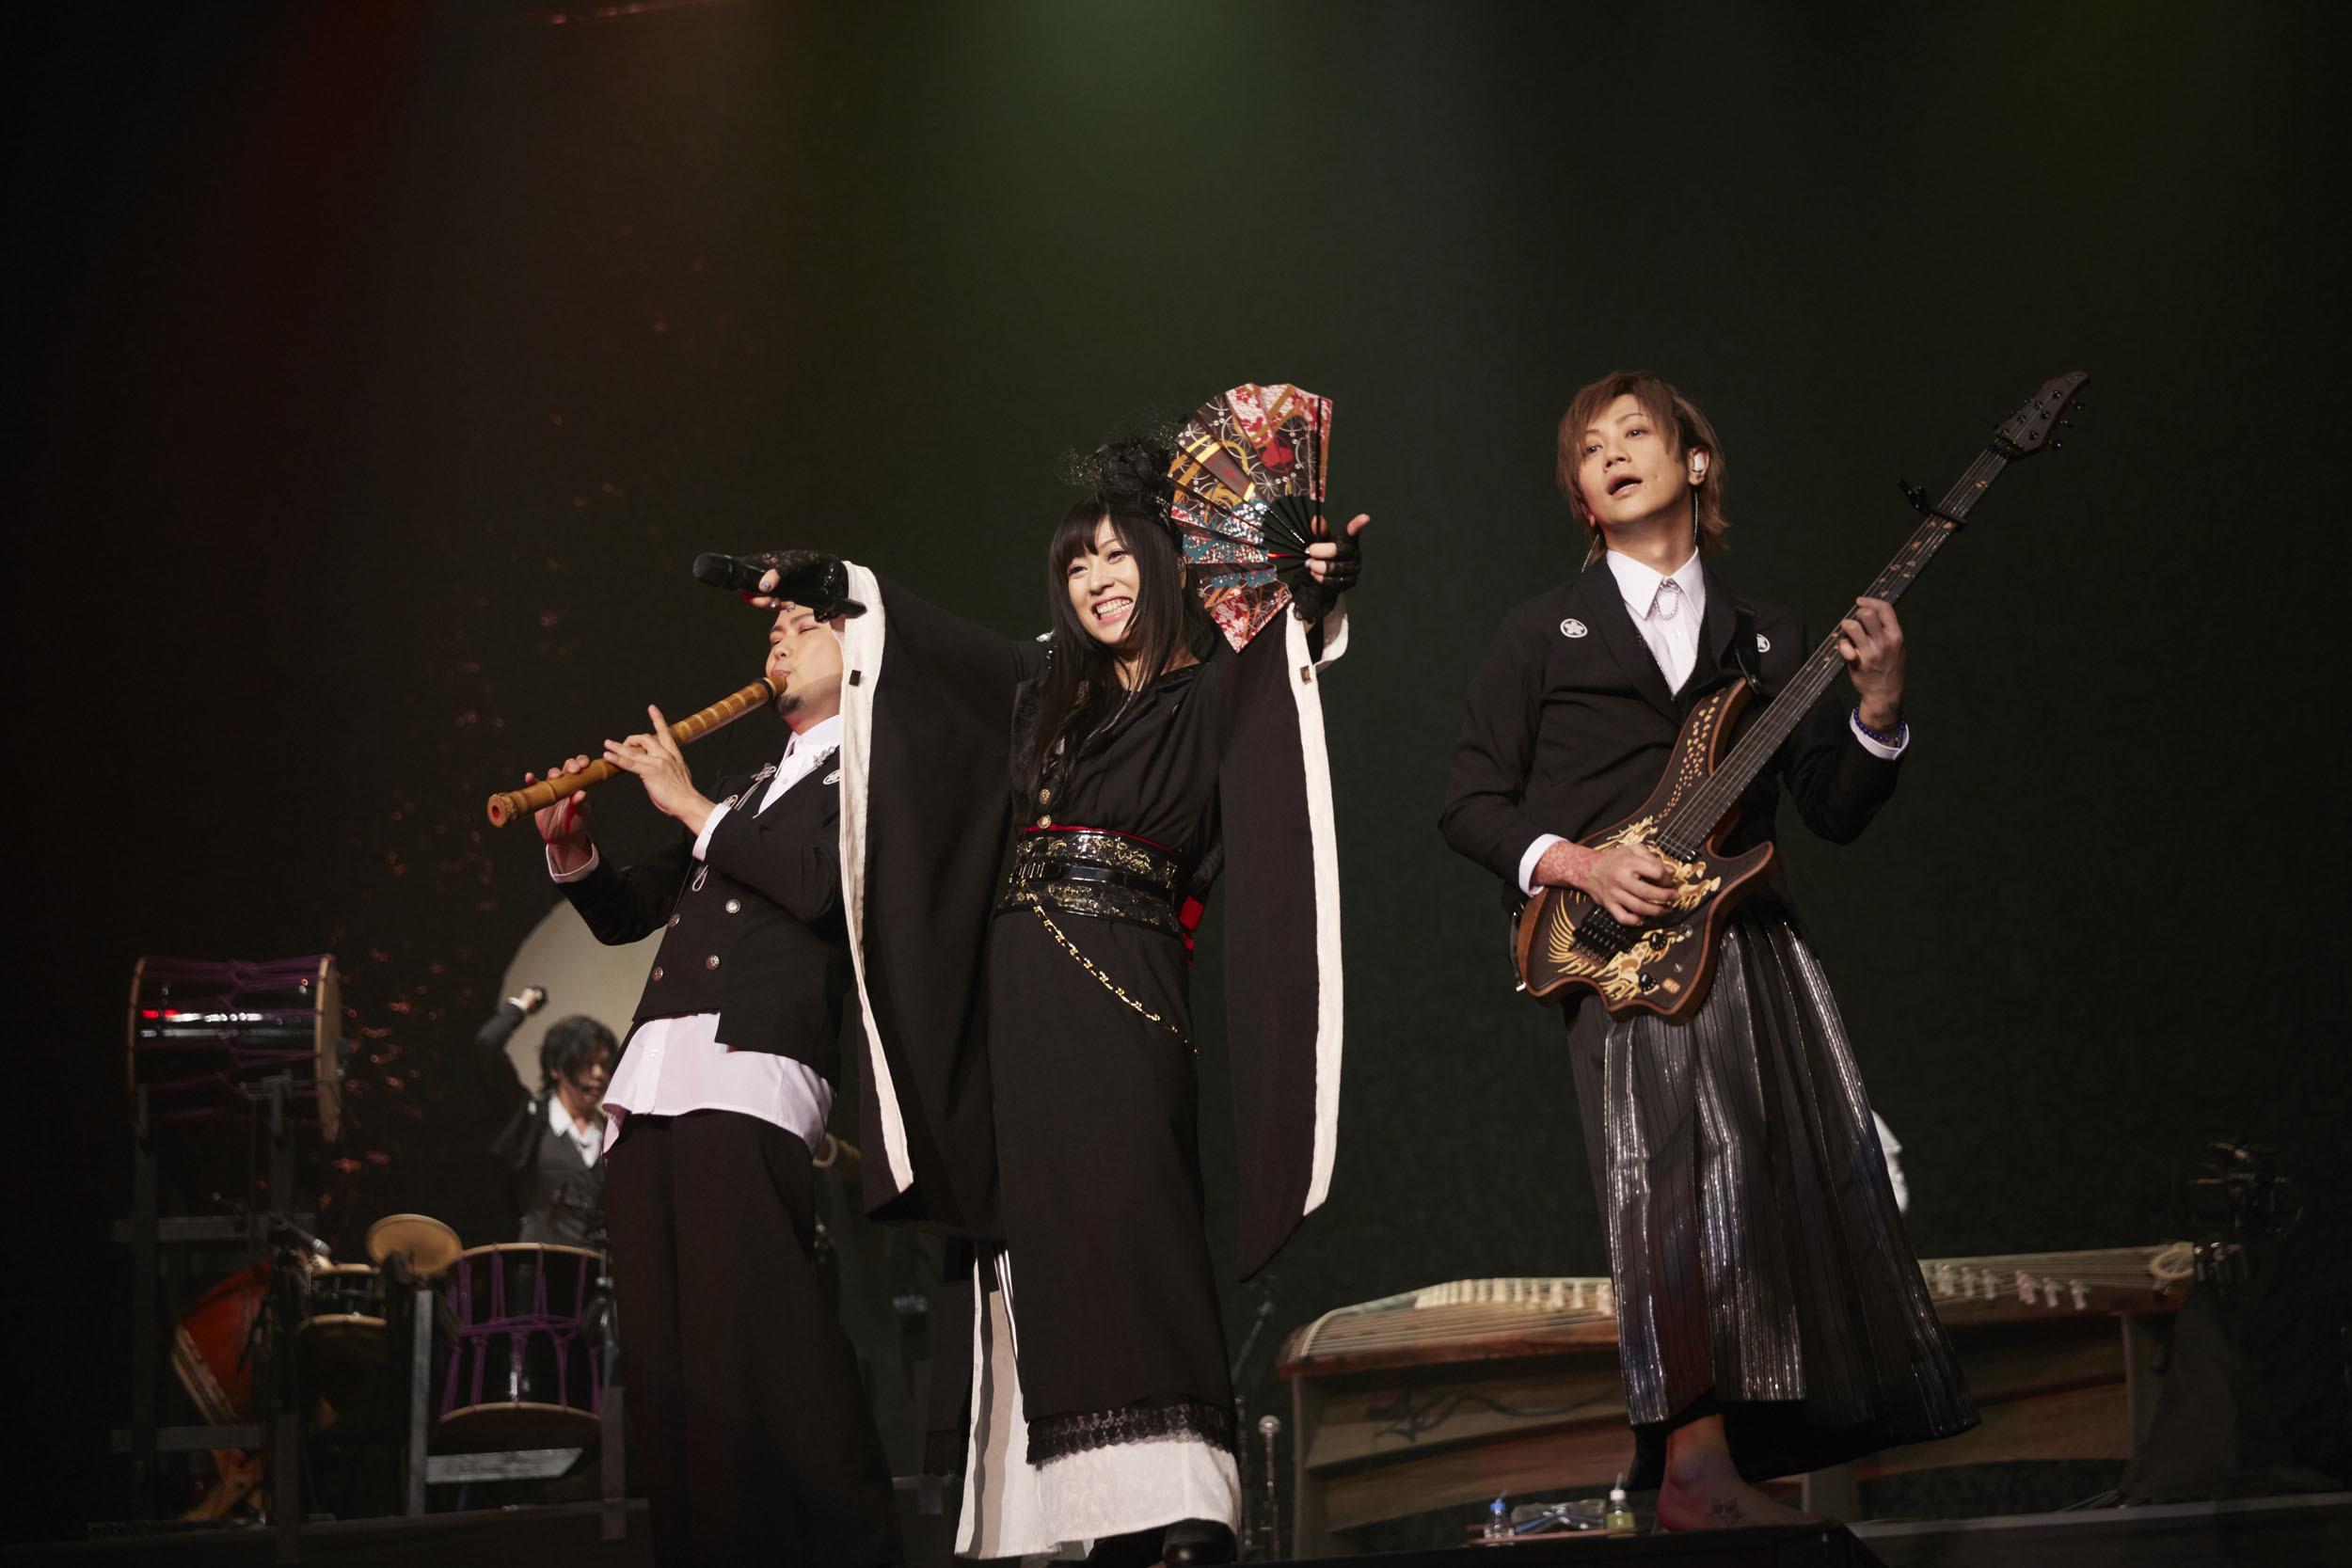 『和楽器バンド Premium Symphonic Night 〜ライブ&オーケストラ〜 in大阪城ホール』